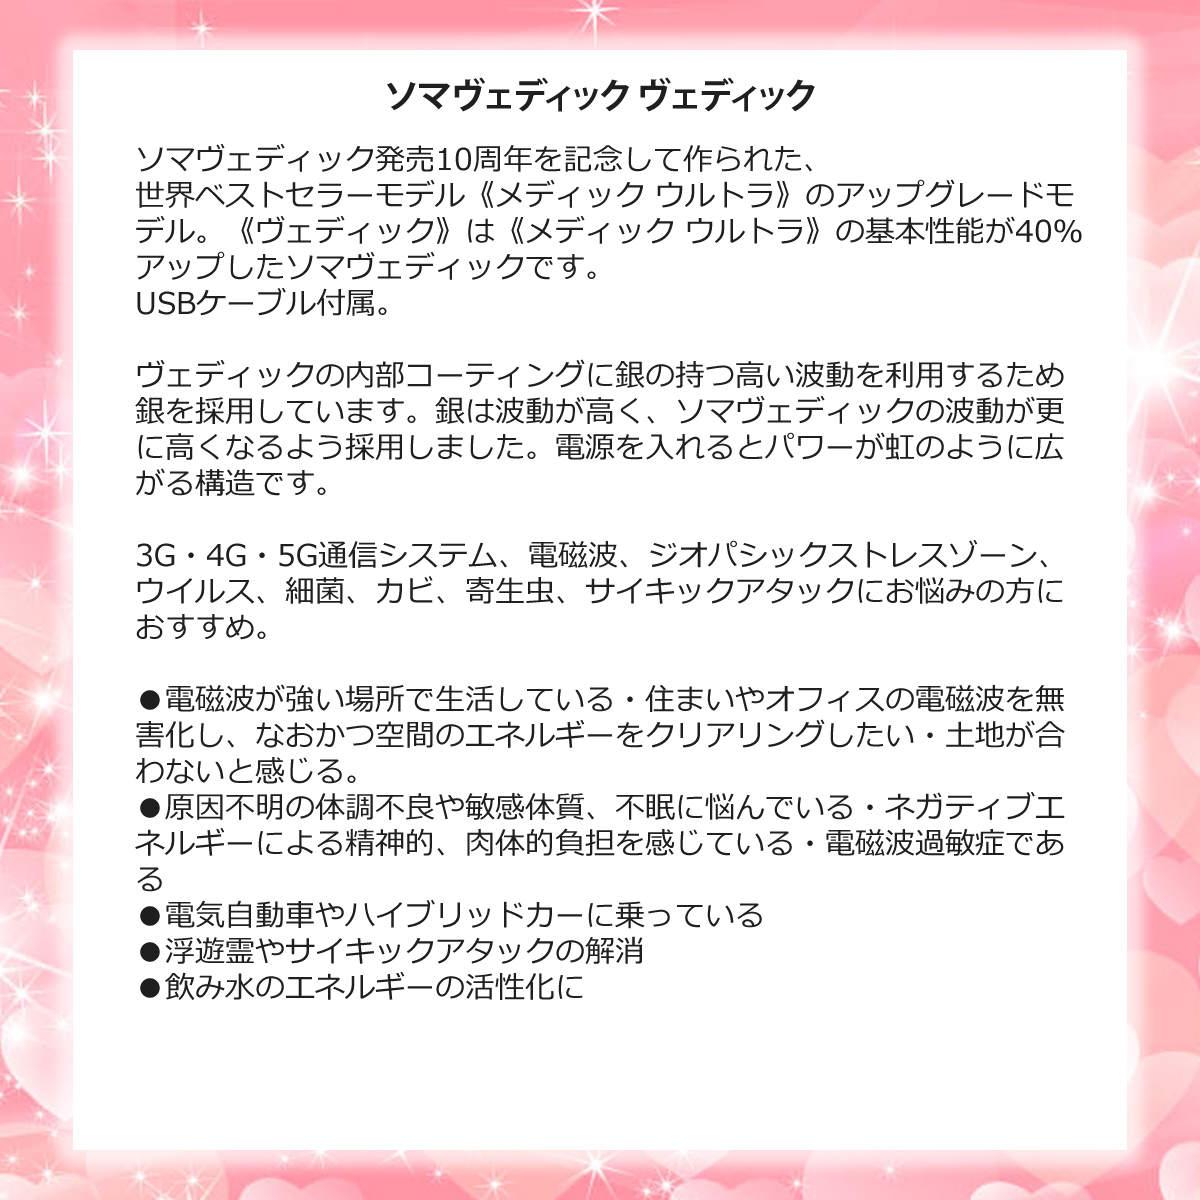 ソマヴェディック ヴェディック SM-06B USBケーブル付属 【翌日配達 送料無料】